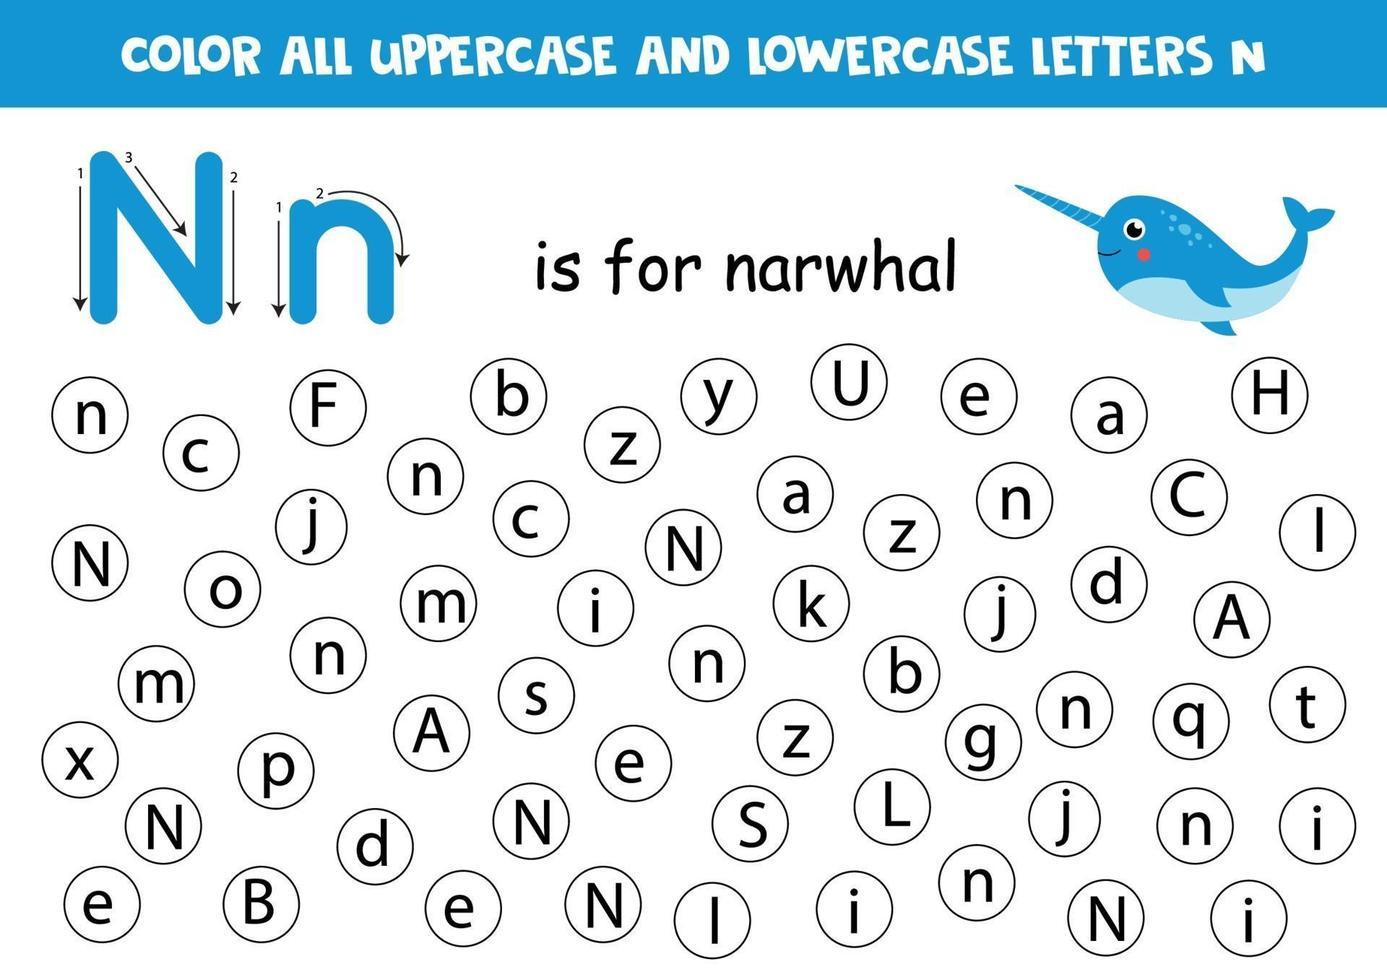 hitta och färga alla bokstäver n. alfabetiska spel för barn. vektor